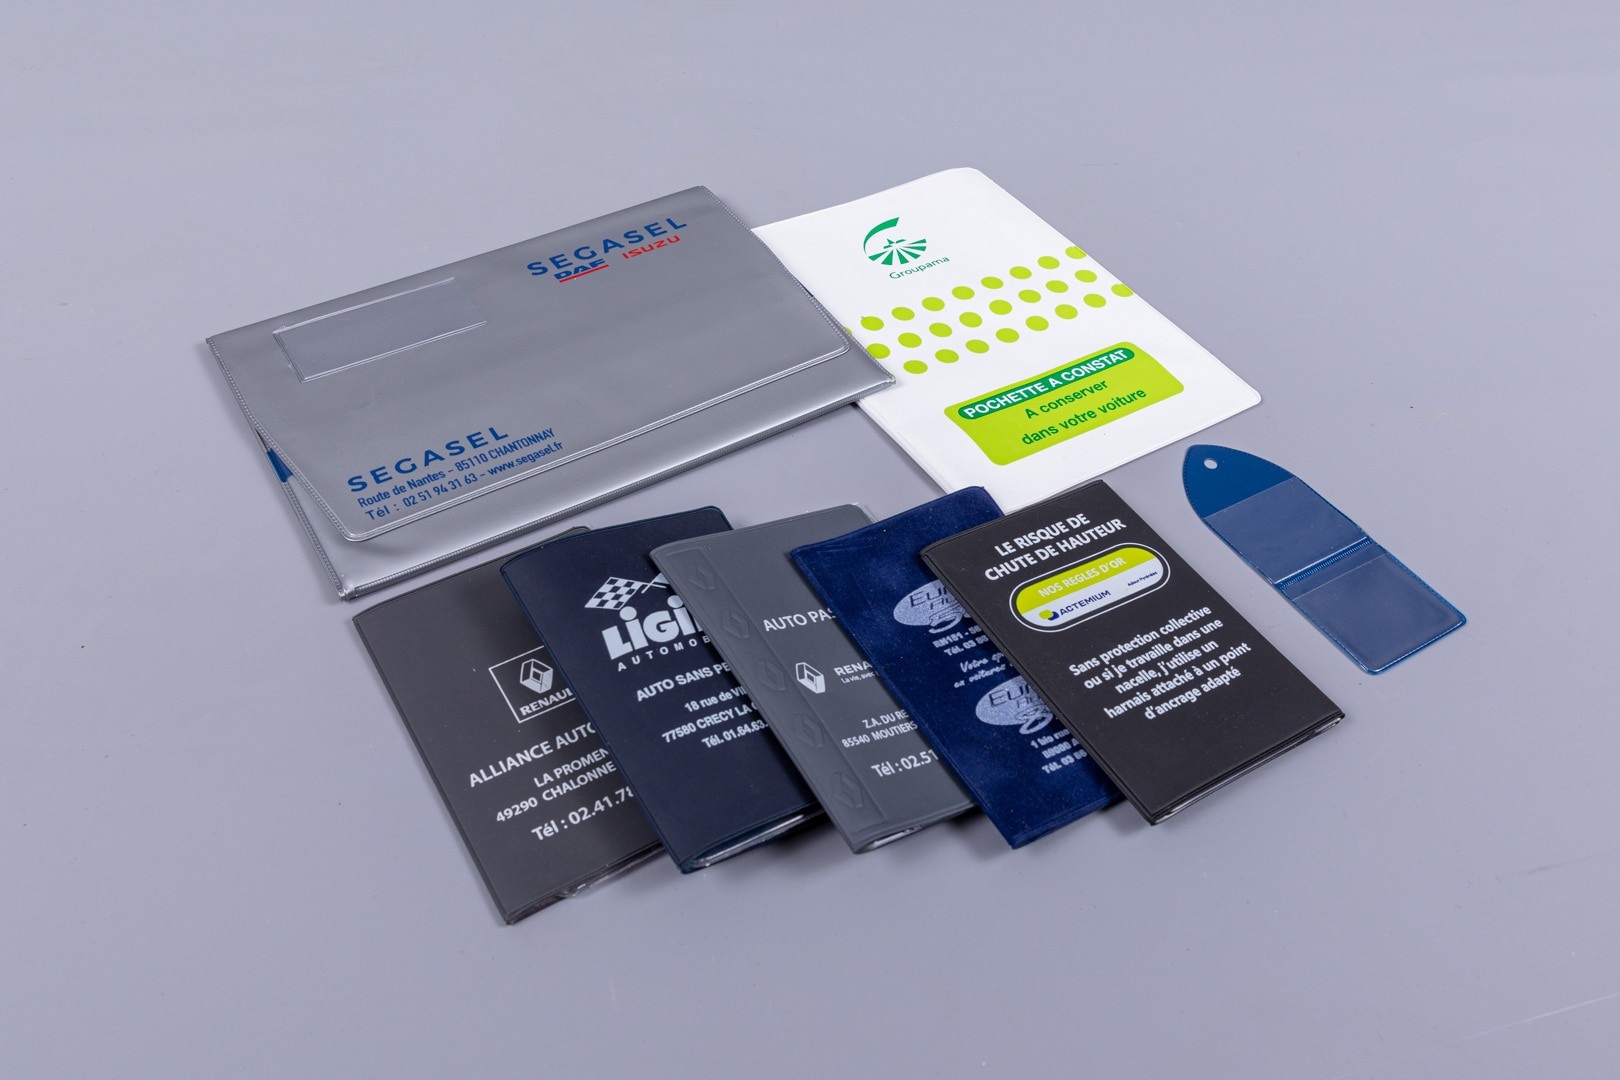 pochettes plastiques opaques tous formats